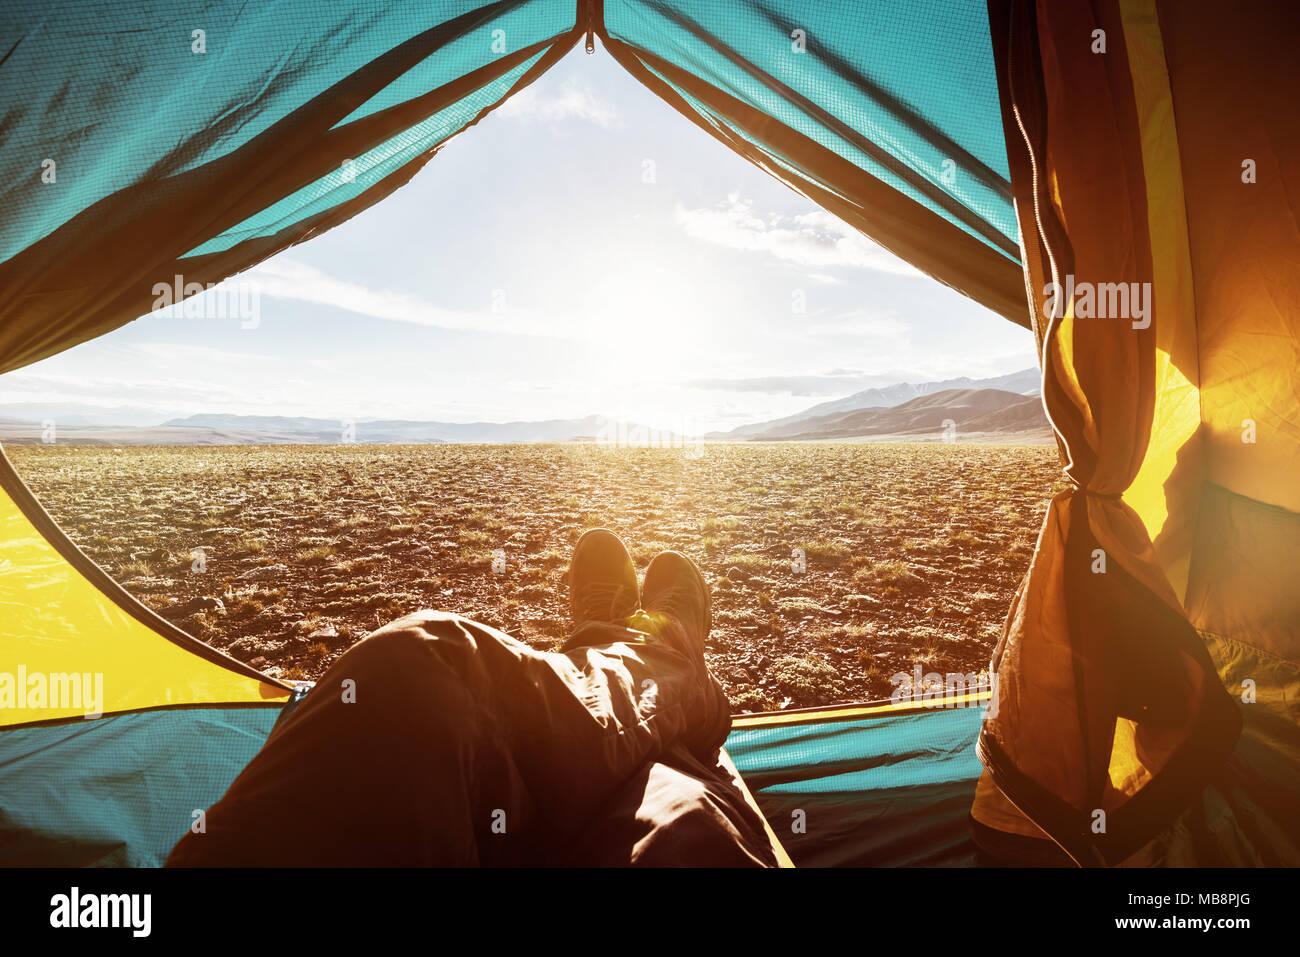 Uomo di gambe aventi turistici resto tenda vista interna Immagini Stock